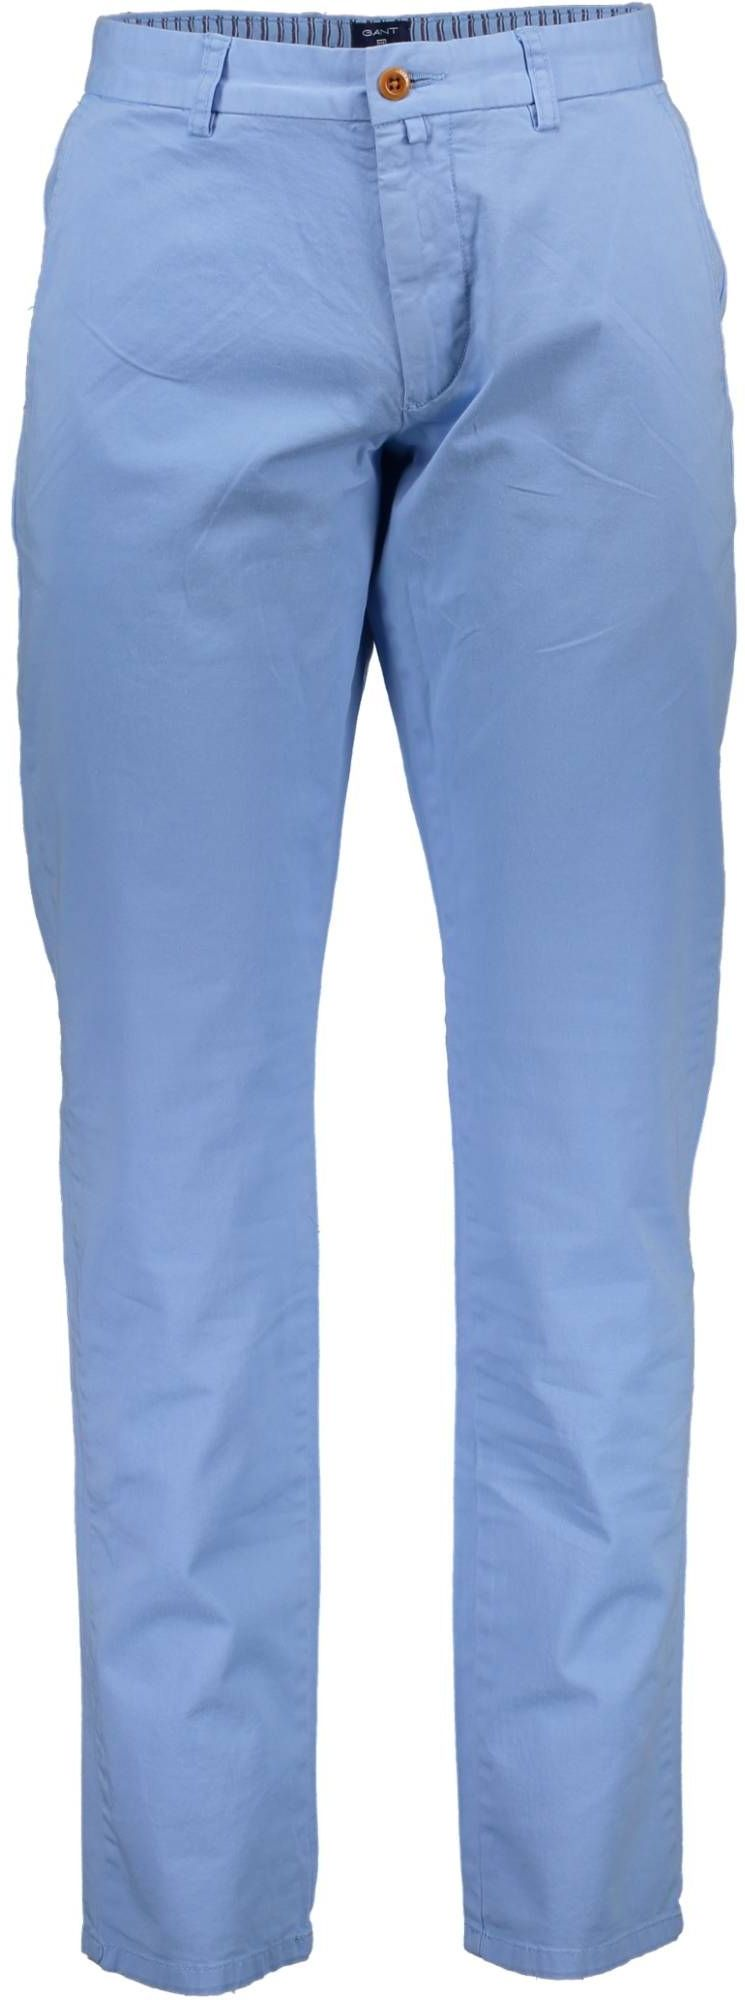 Spodnie męskie GANT